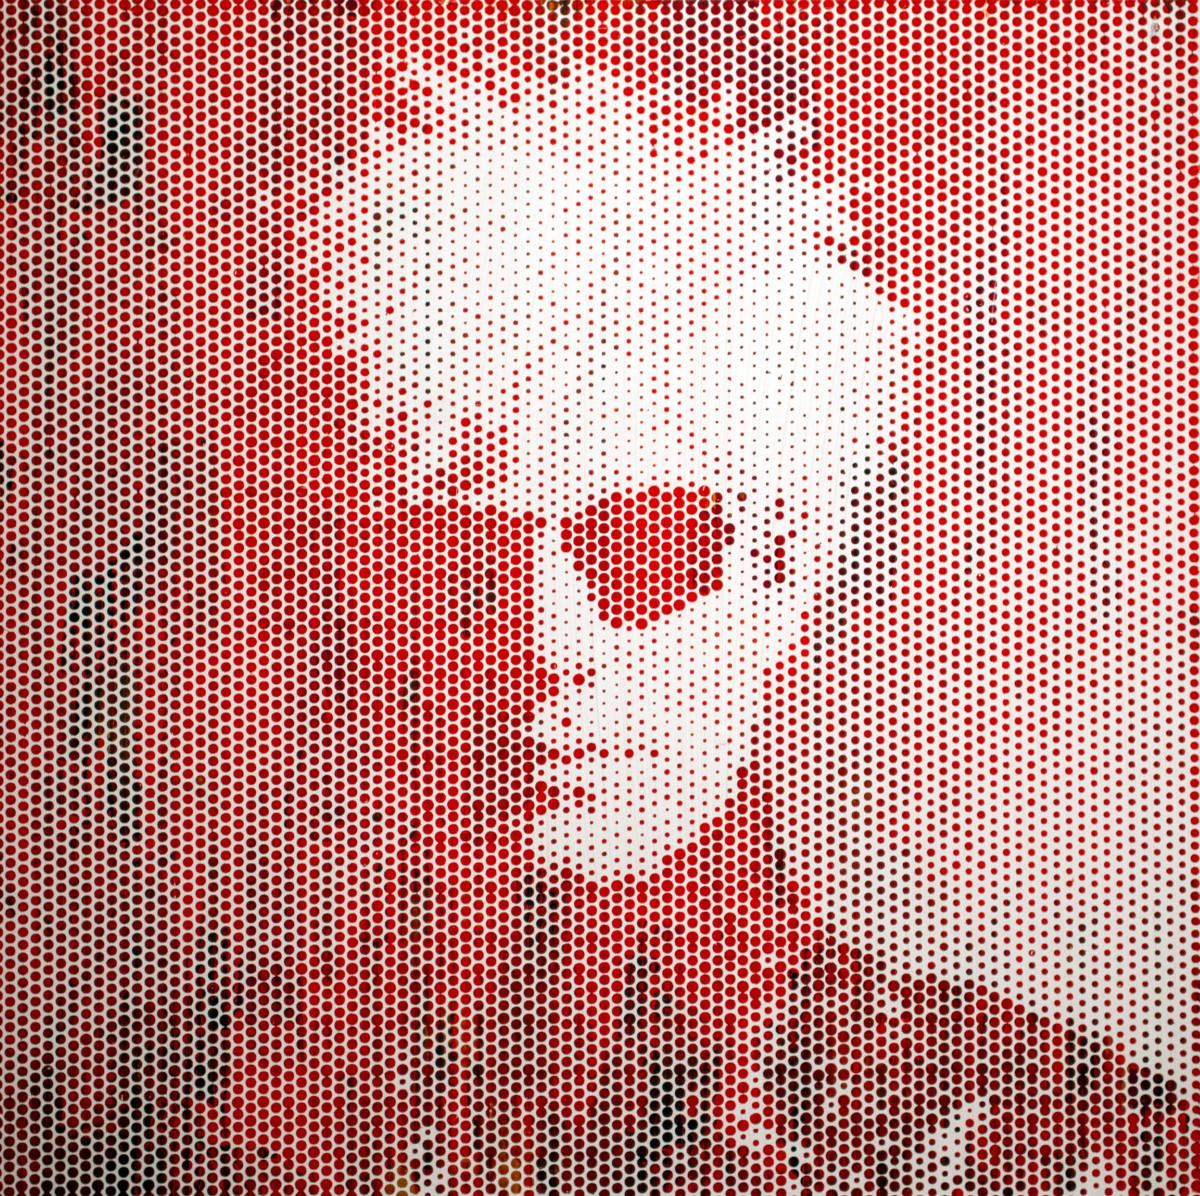 Warhol I by Sean Christopher Ward